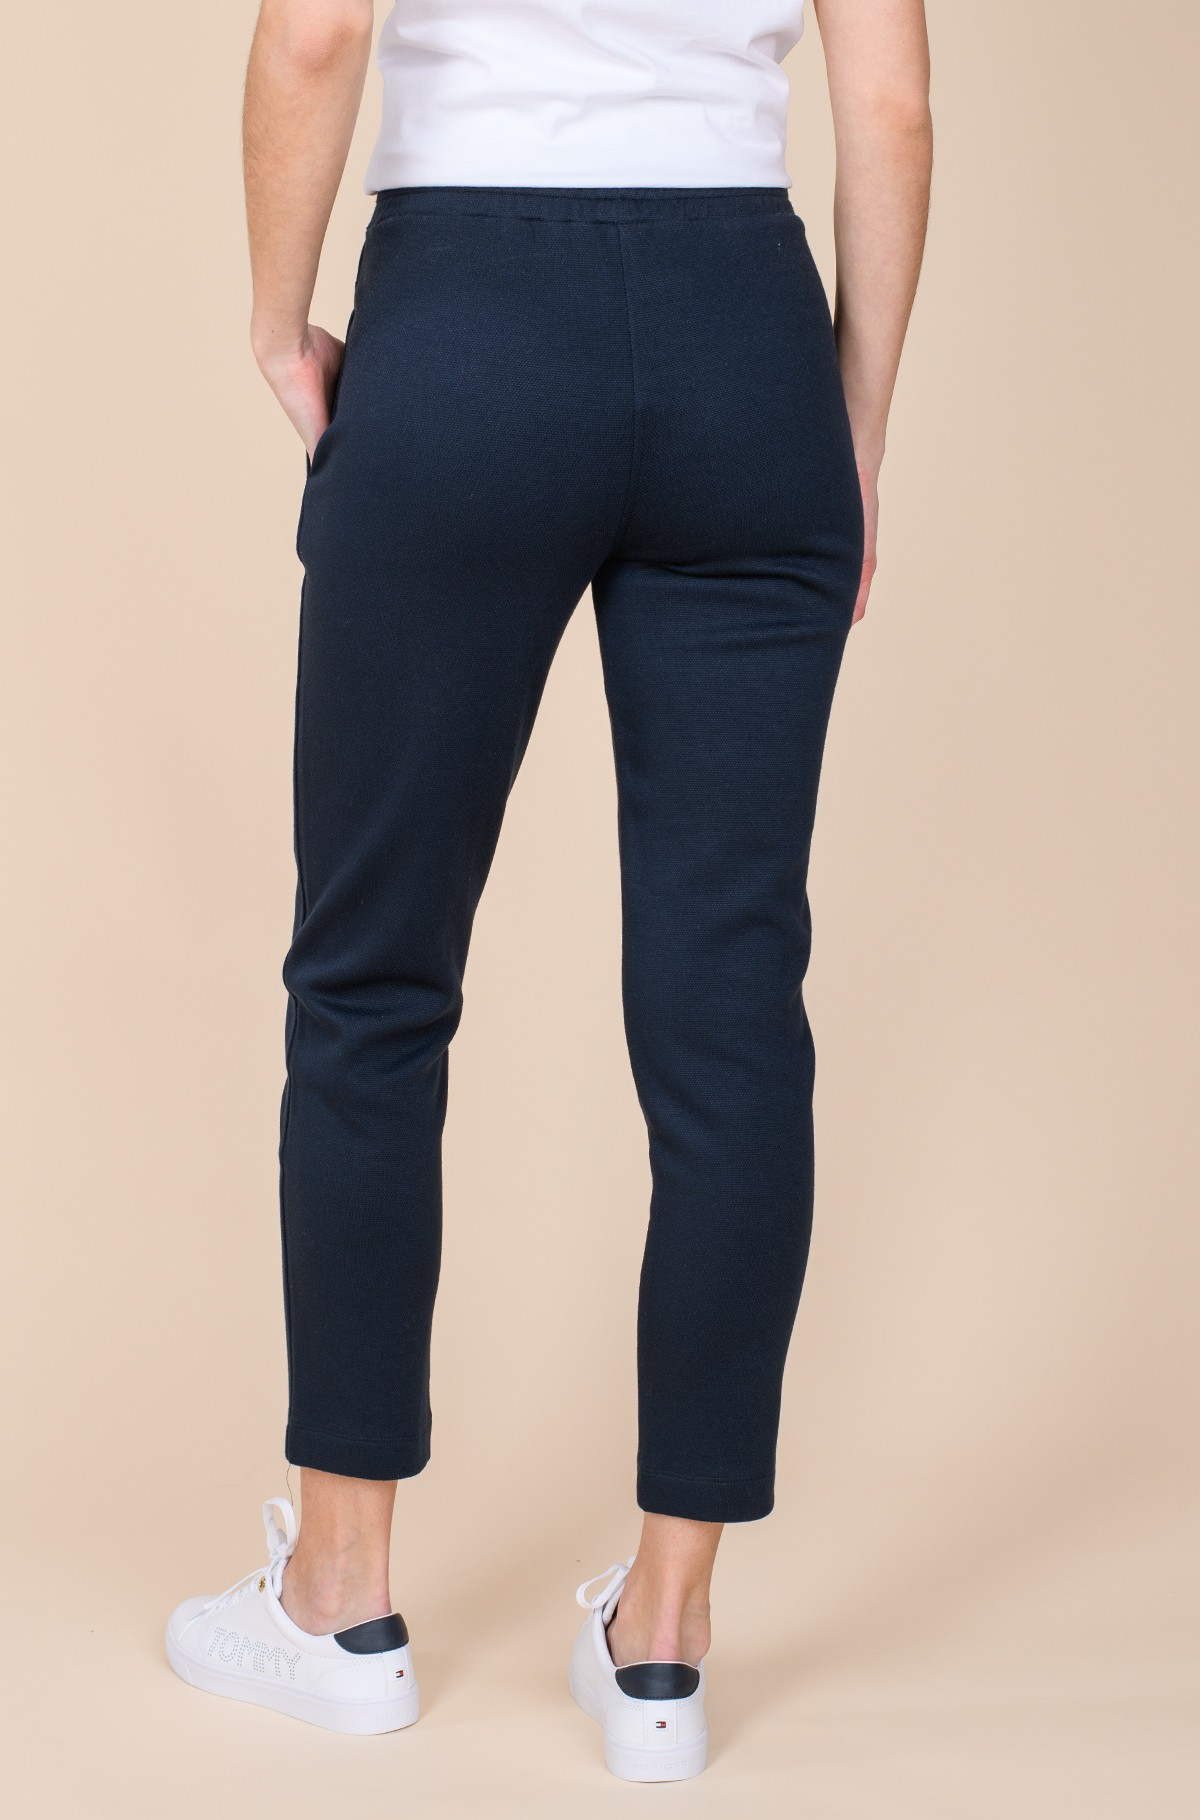 Sportinės kelnės PIQUE TAPERED PANT-full-2